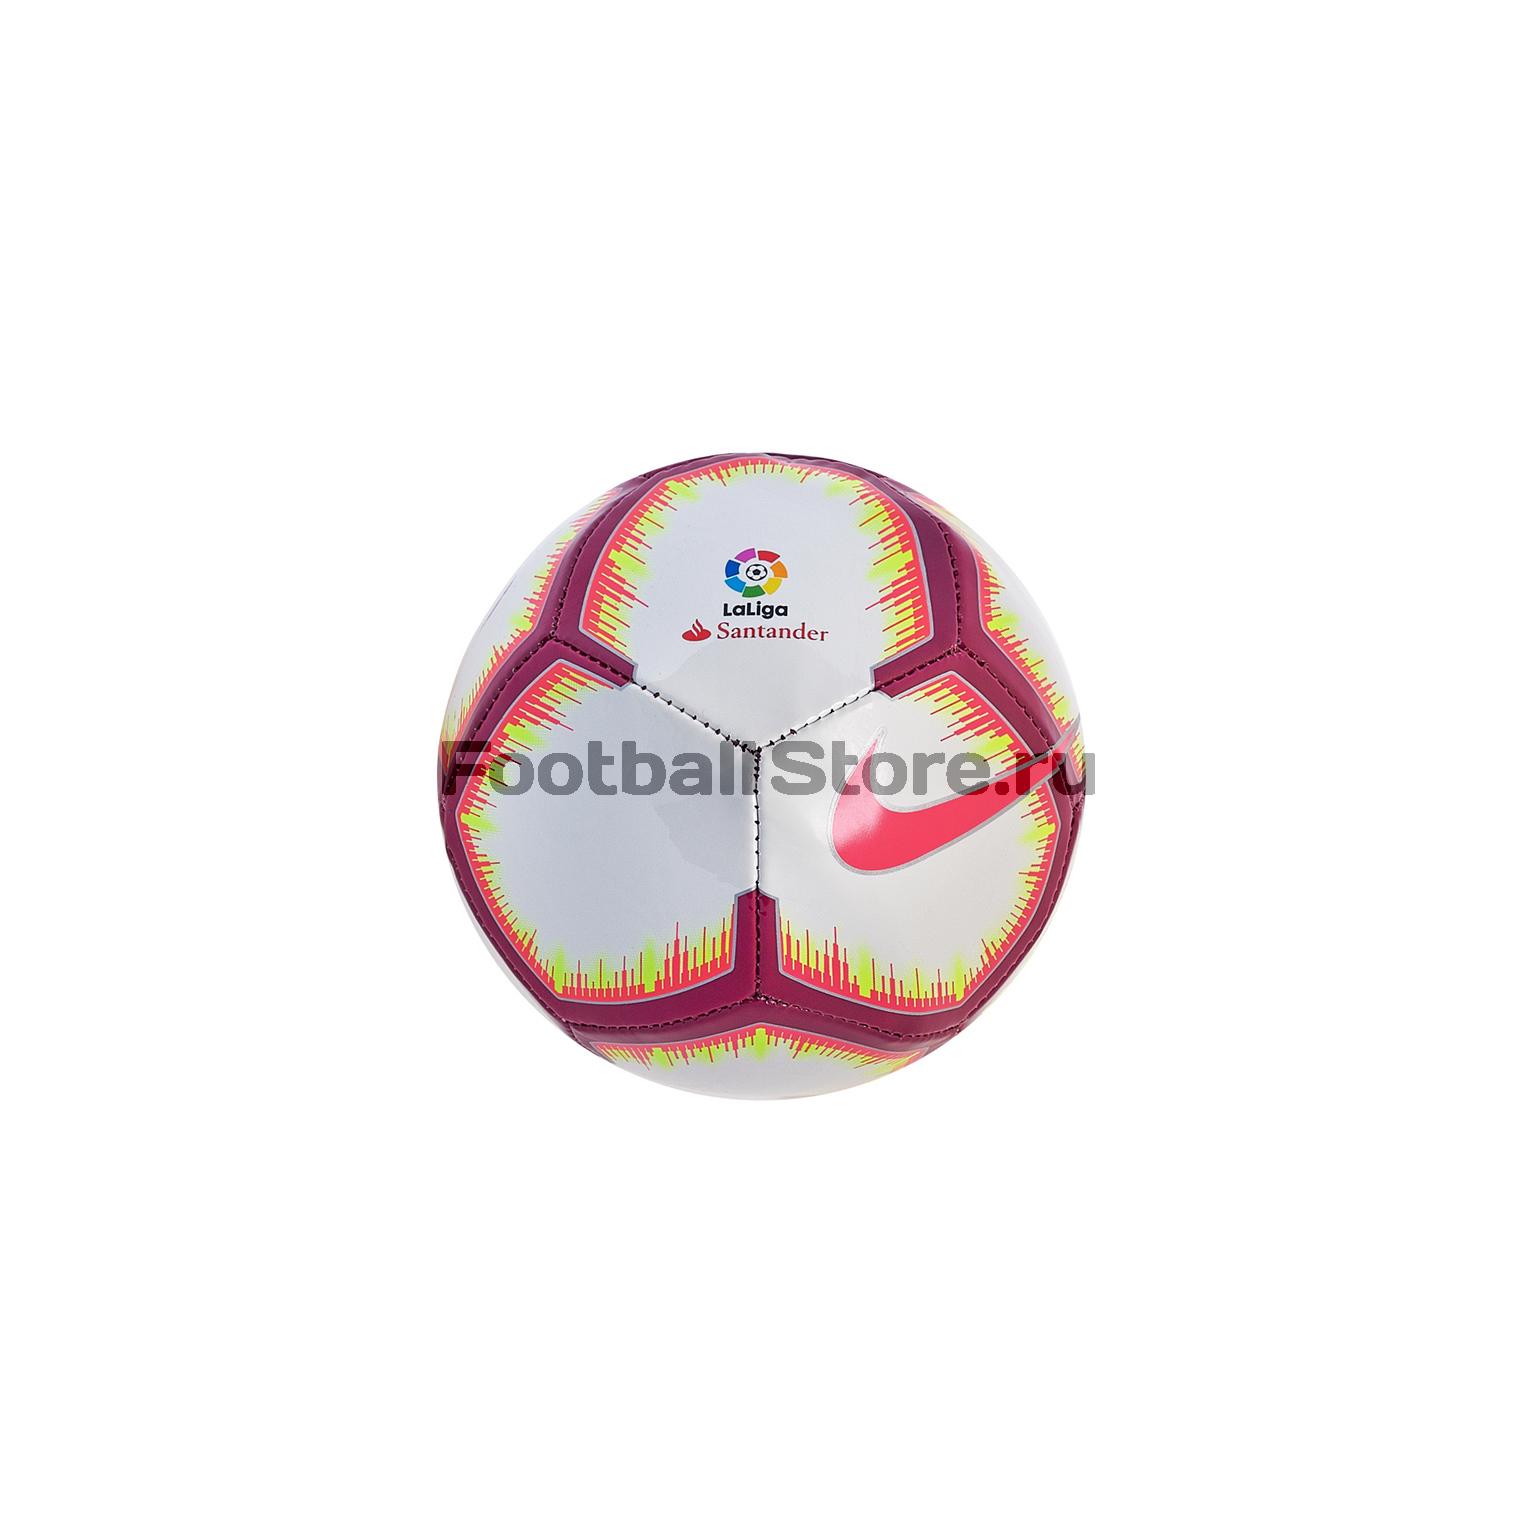 купить Мяч сувенирный Nike LL SC3327-100 по цене 990 рублей